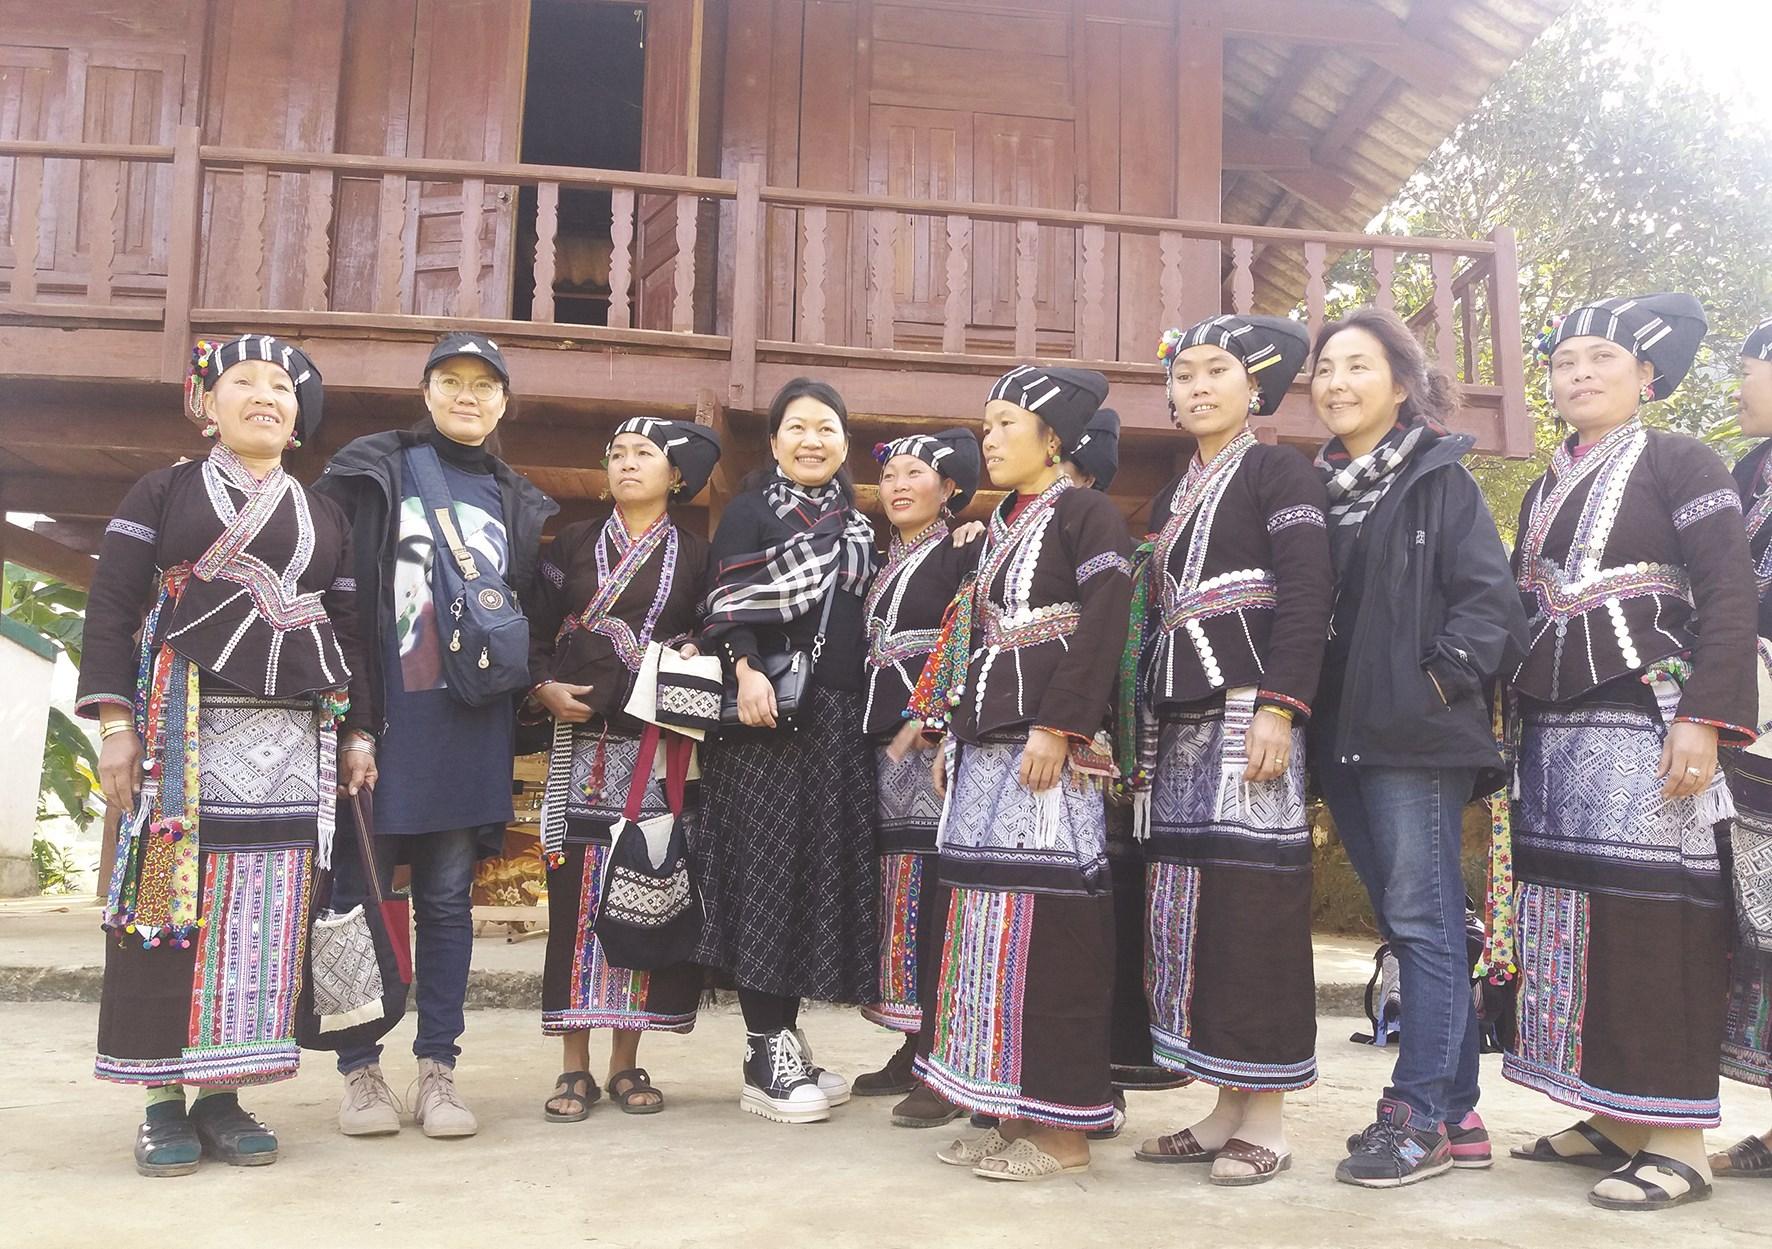 Những bộ trang phục mới là một phần không thể thiếu trong các dịp lễ, tết của phụ nữ dân tộc Lự